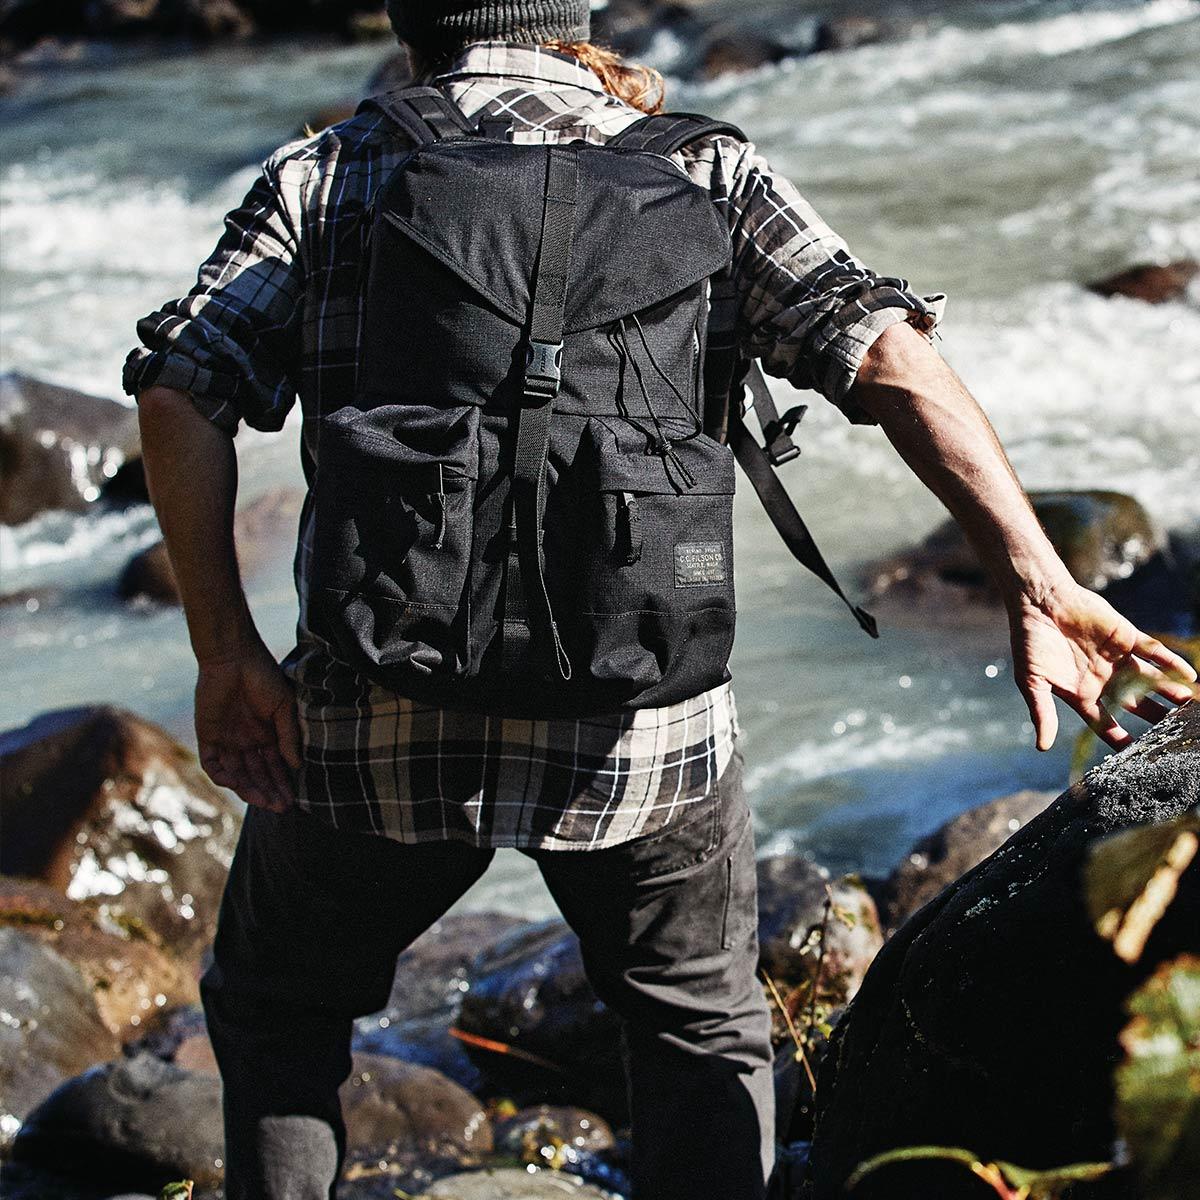 Filson Ripstop Backpack 20115929 Black, Lichtgewicht en stoer, ontworpen voor comfort op lange tochten